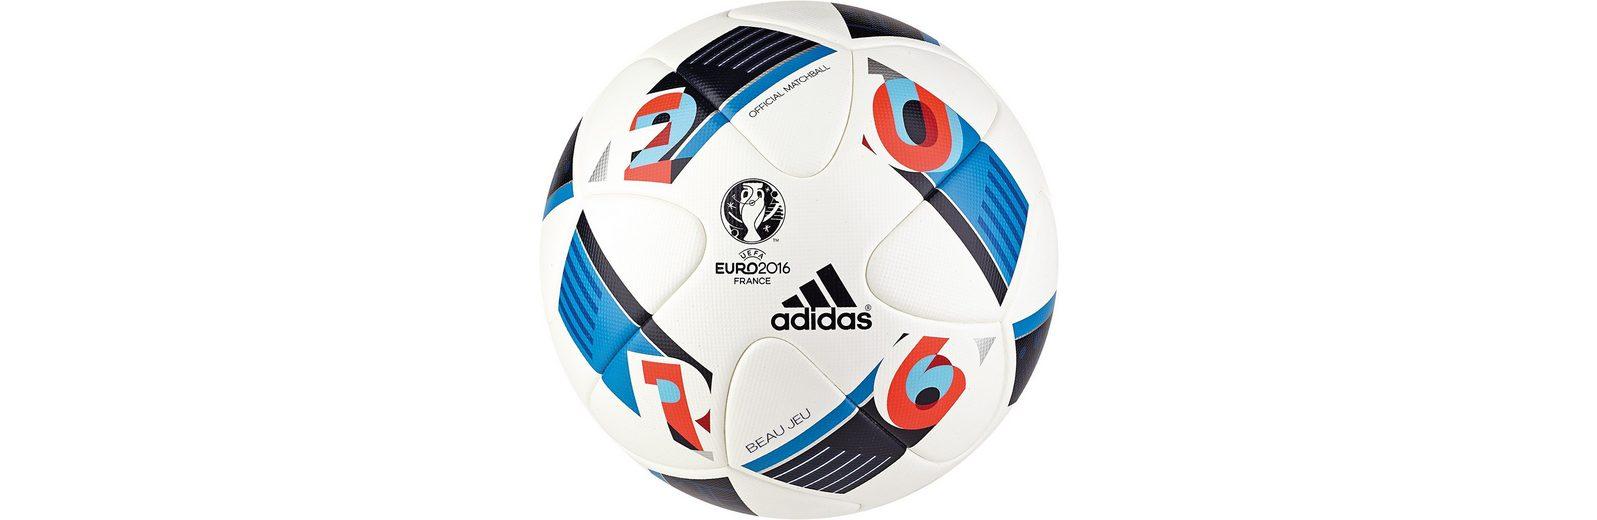 adidas Performance Euro 2016 Beau Jeu Offizieller Matchball